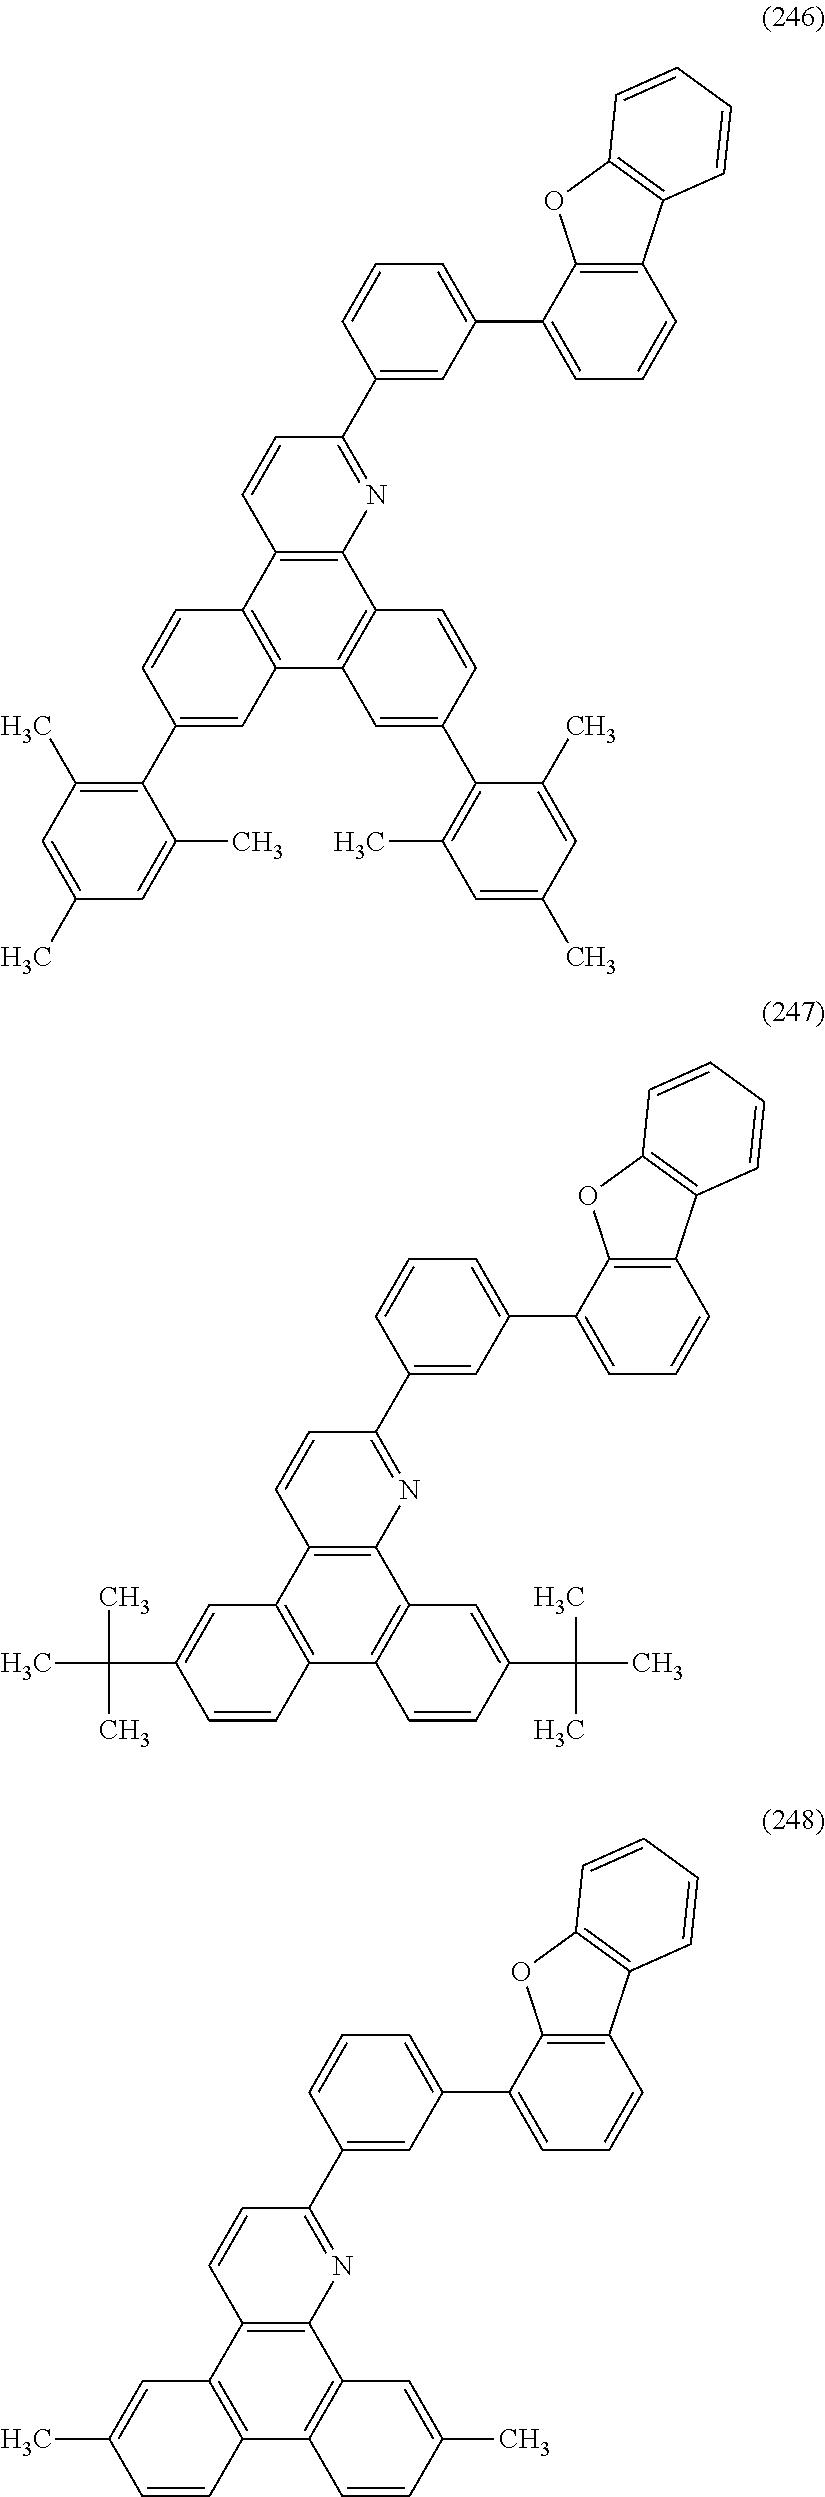 Figure US09843000-20171212-C00048